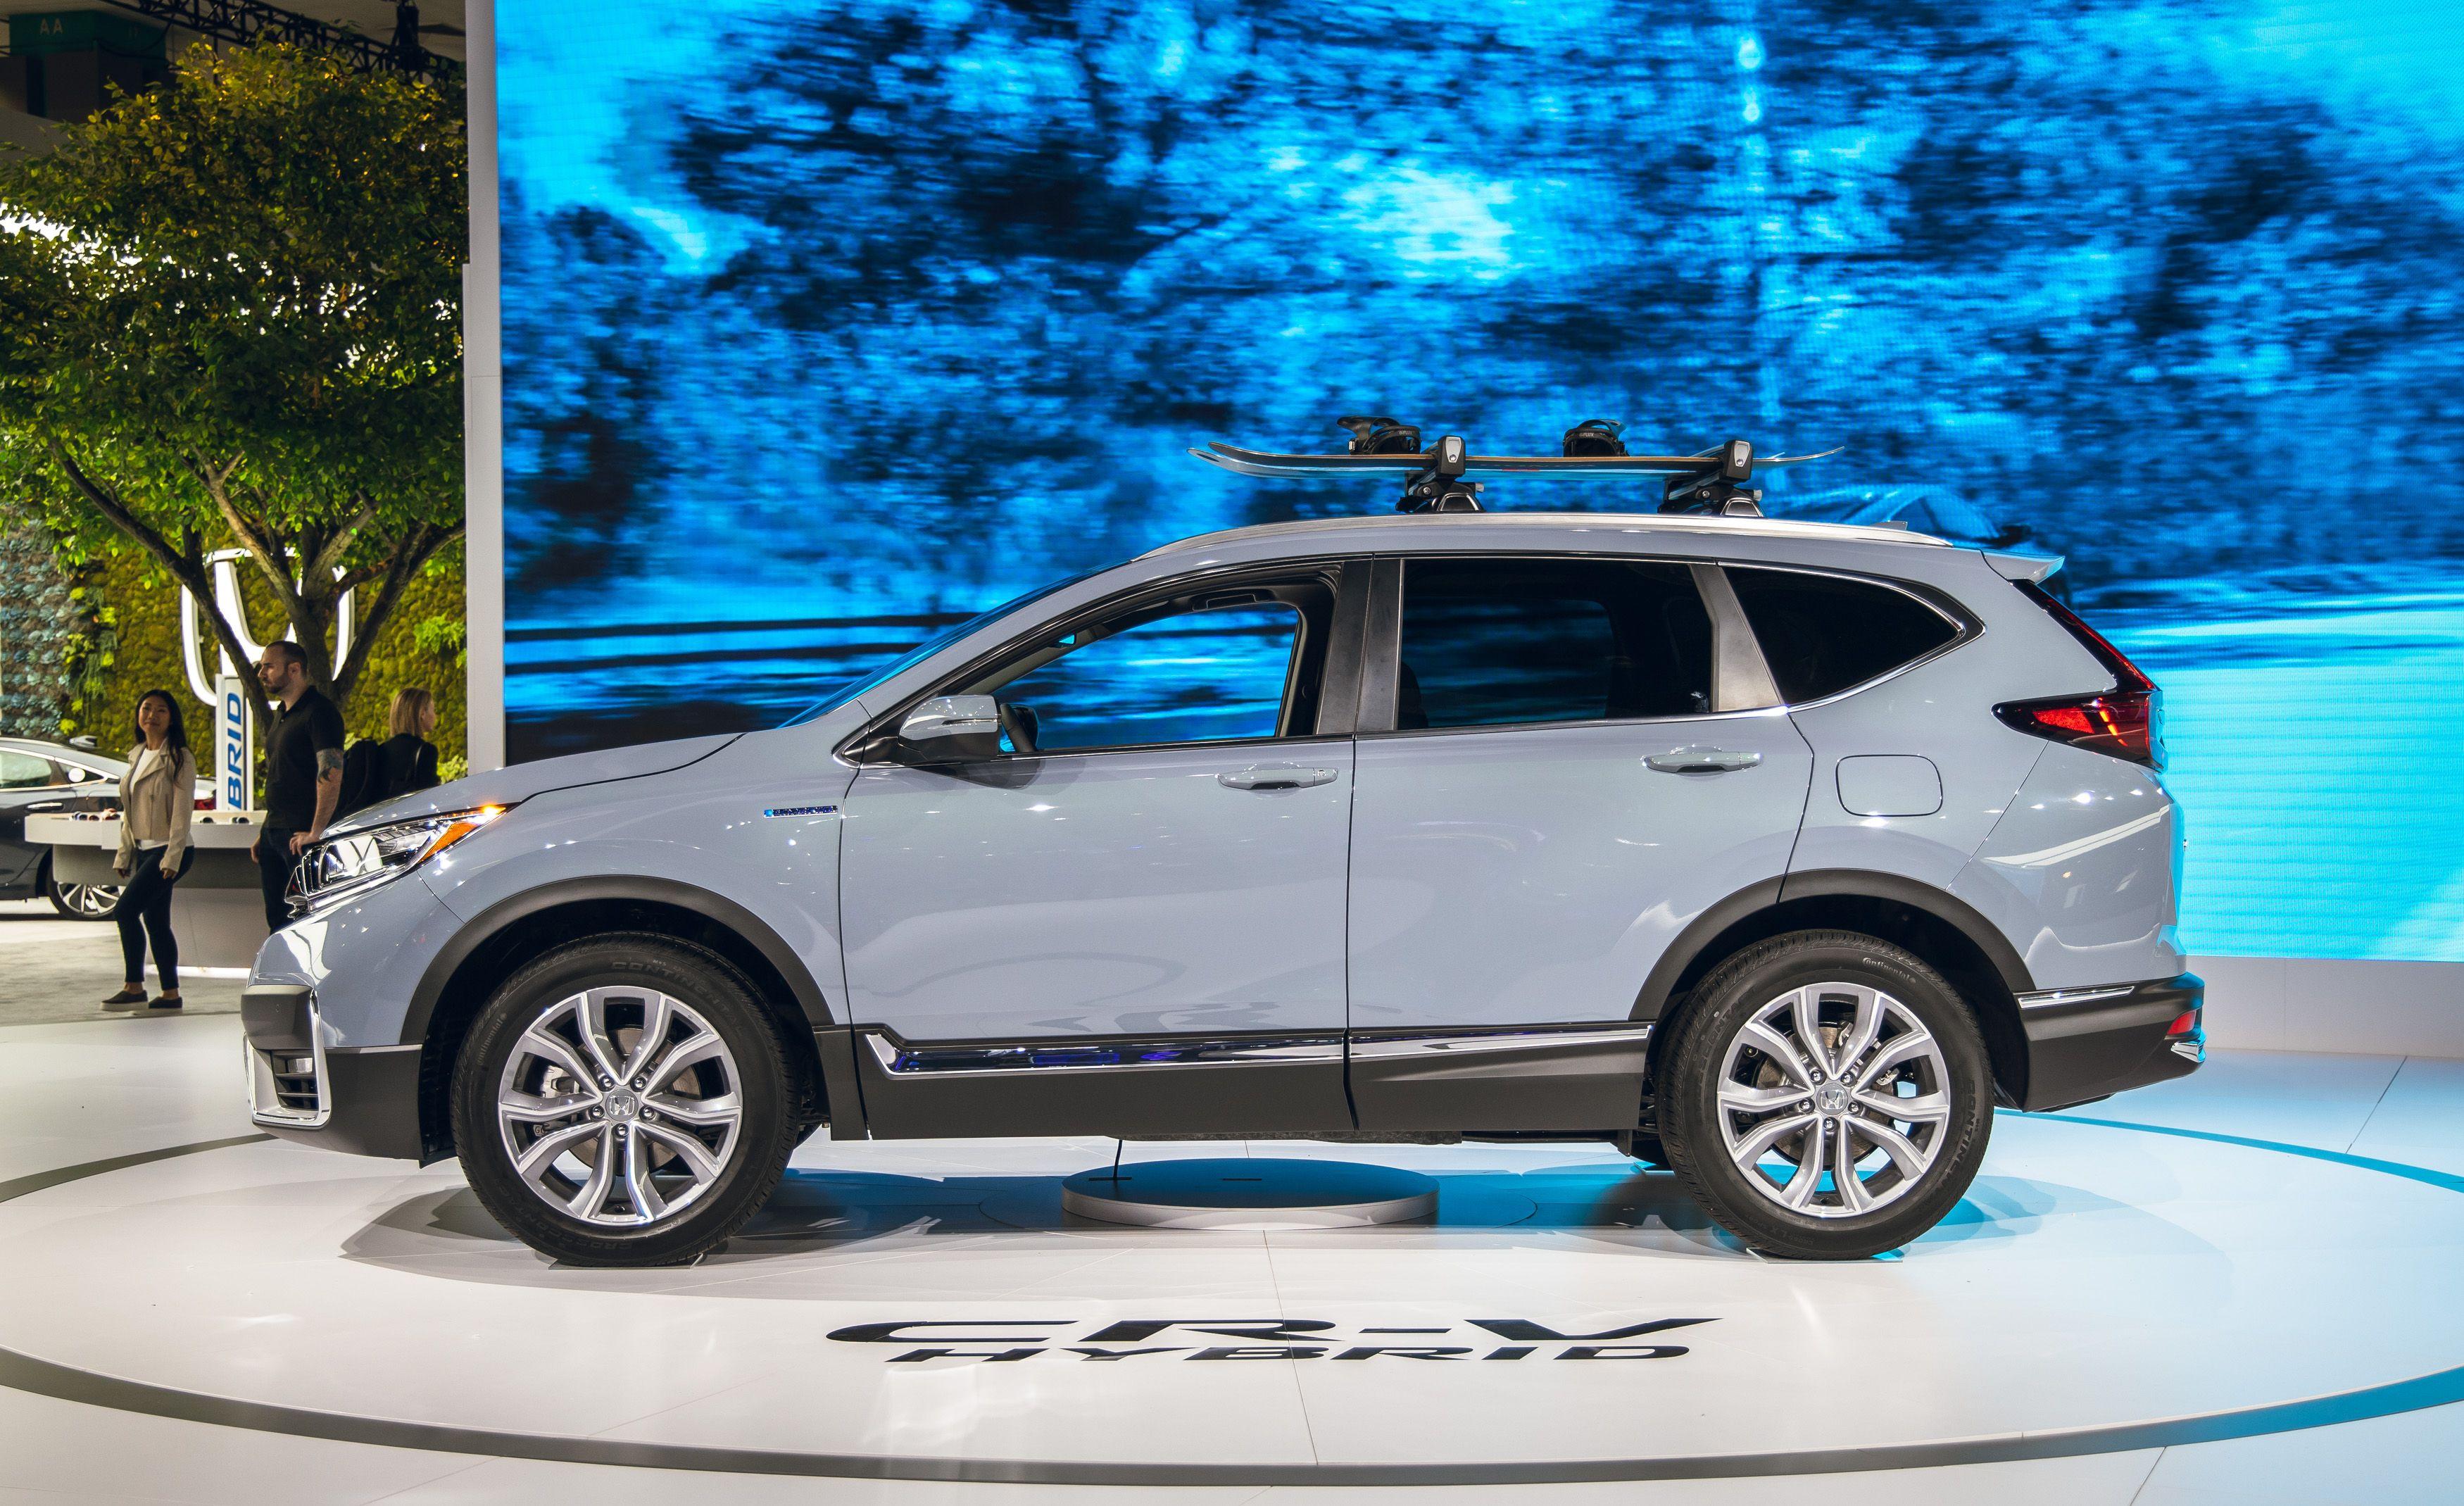 2020 Honda Cr V Hybrid Starts At 28 870 Epa Estimated At 38 Mpg